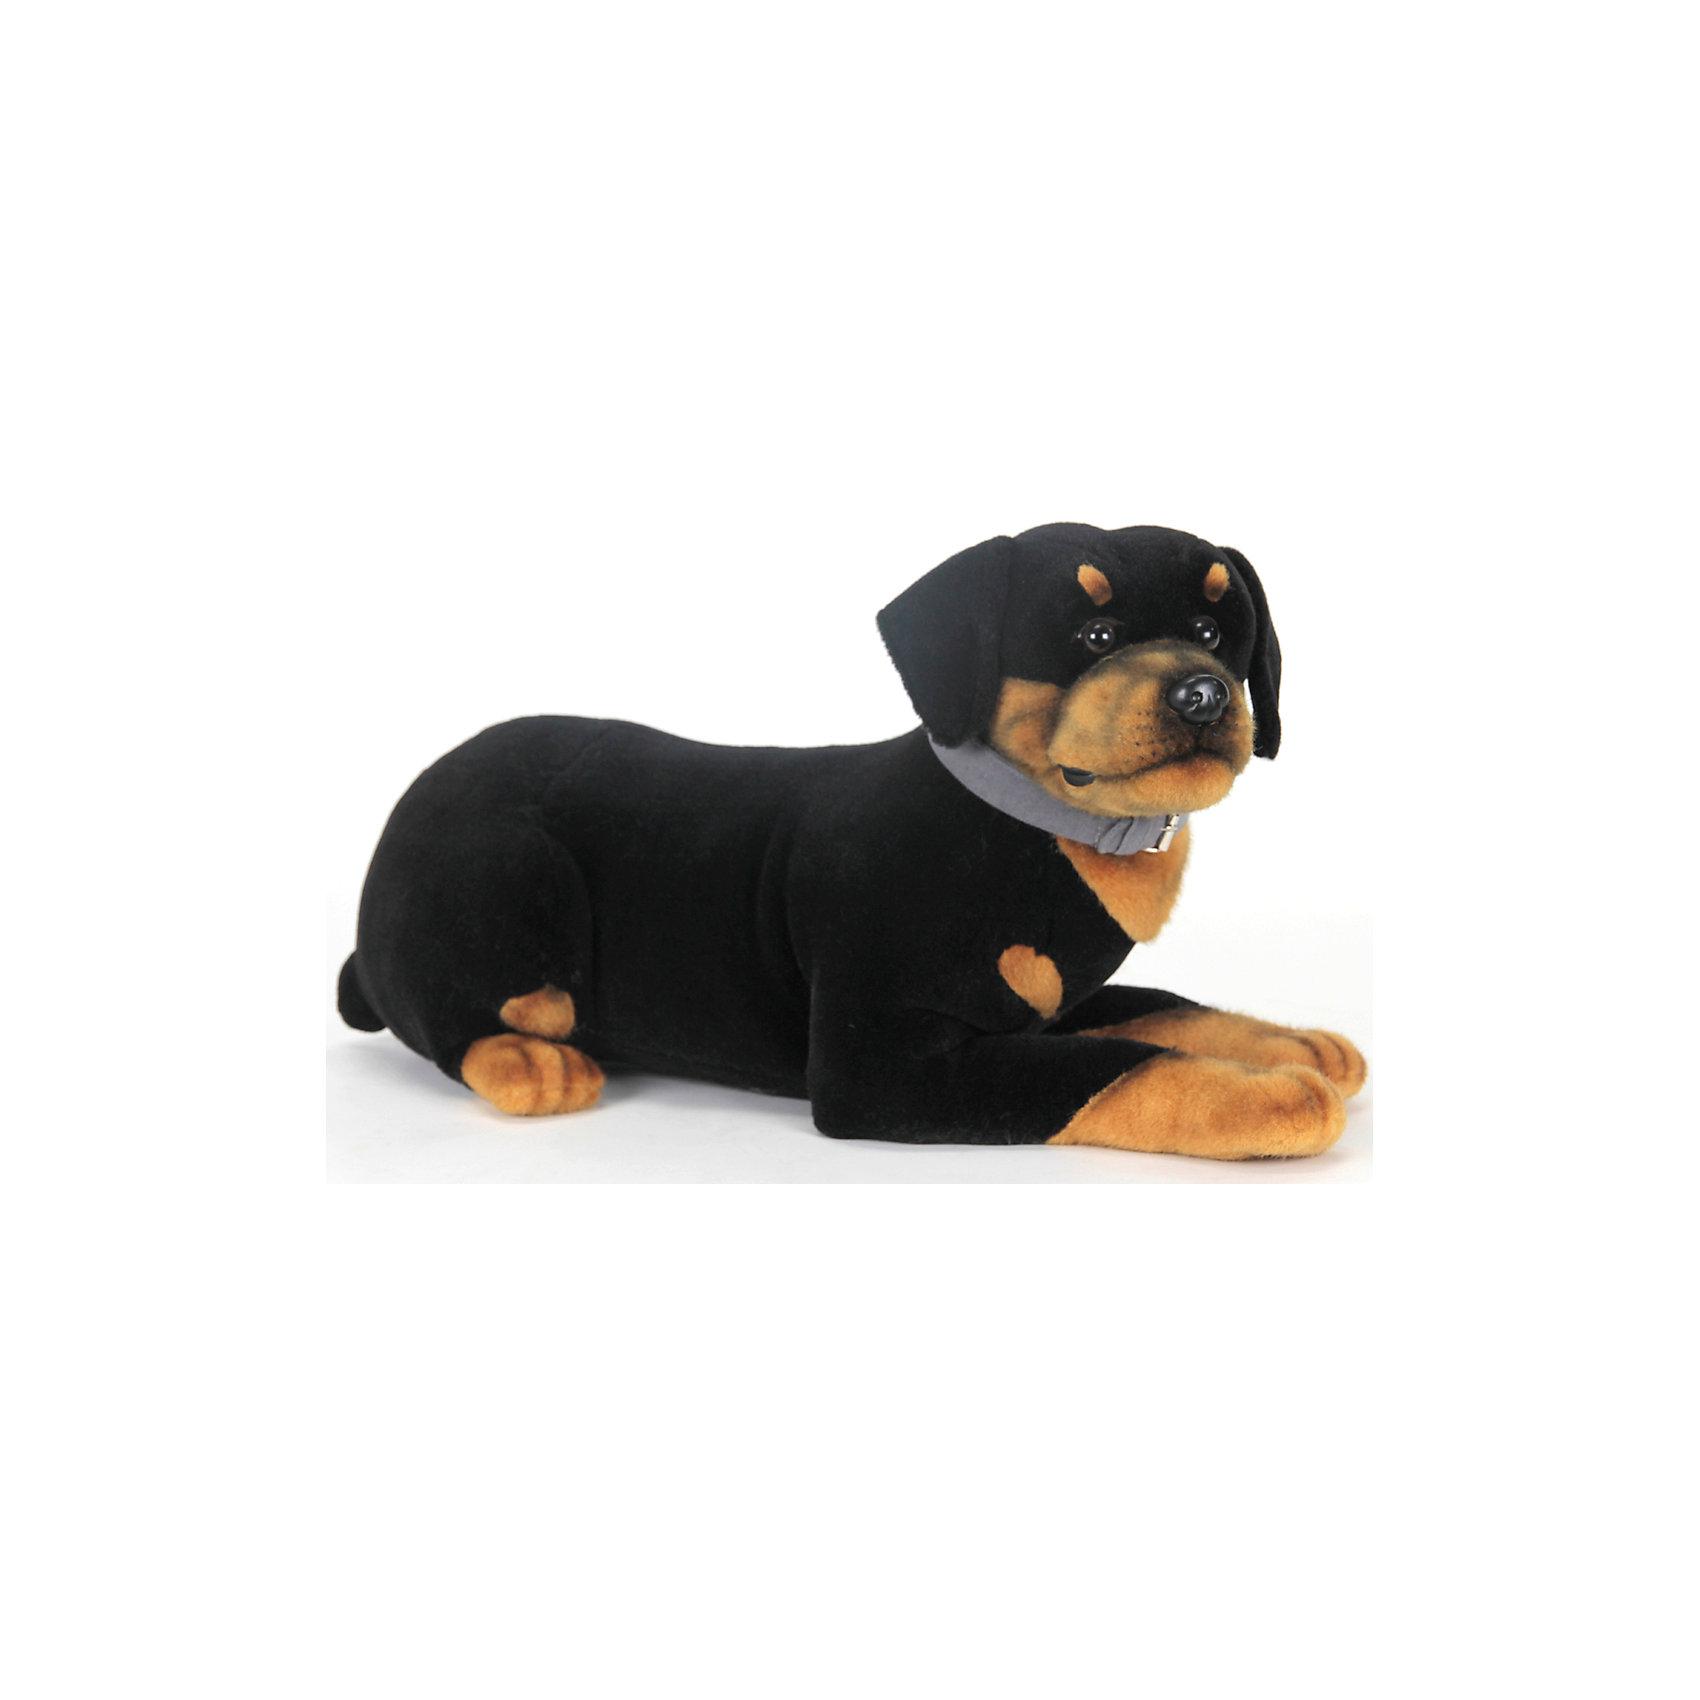 Щенок ротвеллера, 52 смКошки и собаки<br>Щенок ротвеллера, 52 см – игрушка от знаменитого бренда Hansa, специализирующегося на выпуске мягких игрушек с высокой степенью натуралистичности. Внешний вид игрушечного щенка полностью соответствует своему реальному прототипу – собаке породы Ротвеллер. Он выполнен из искусственного меха с коротким ворсом. Окрас игрушки полностью имитирует окрас, характерный для ротвеллера: сочетание черного и коричневого цветов. Использованные материалы обладают гипоаллергенными свойствами. Внутри игрушки имеется металлический каркас, позволяющий изменять положение. <br>Игрушка относится к серии Домашние животные. <br>Мягкие игрушки от Hansa подходят для сюжетно-ролевых игр, для обучающих игр, направленных на знакомство с миром живой природы. Кроме того, их можно использовать в качестве интерьерных игрушек. Представленные у торгового бренда разнообразие игрушечных собак позволяет собрать свою коллекцию пород, которая будет радовать вашего ребенка долгое время, так как ручная работа и качественные материалы гарантируют их долговечность и прочность.<br><br>Дополнительная информация:<br><br>- Вид игр: сюжетно-ролевые игры, коллекционирование, интерьерные игрушки<br>- Предназначение: для дома, для детских развивающих центров, для детских садов<br>- Материал: искусственный мех, наполнитель ? полиэфирное волокно<br>- Размер (ДхШхВ): 30*32*54 см<br>- Вес: 800 г<br>- Особенности ухода: сухая чистка при помощи пылесоса или щетки для одежды<br><br>Подробнее:<br><br>• Для детей в возрасте: от 3 лет <br>• Страна производитель: Филиппины<br>• Торговый бренд: Hansa<br><br>Щенка ротвеллера, 52 см можно купить в нашем интернет-магазине.<br><br>Ширина мм: 30<br>Глубина мм: 32<br>Высота мм: 54<br>Вес г: 800<br>Возраст от месяцев: 36<br>Возраст до месяцев: 2147483647<br>Пол: Унисекс<br>Возраст: Детский<br>SKU: 4927174